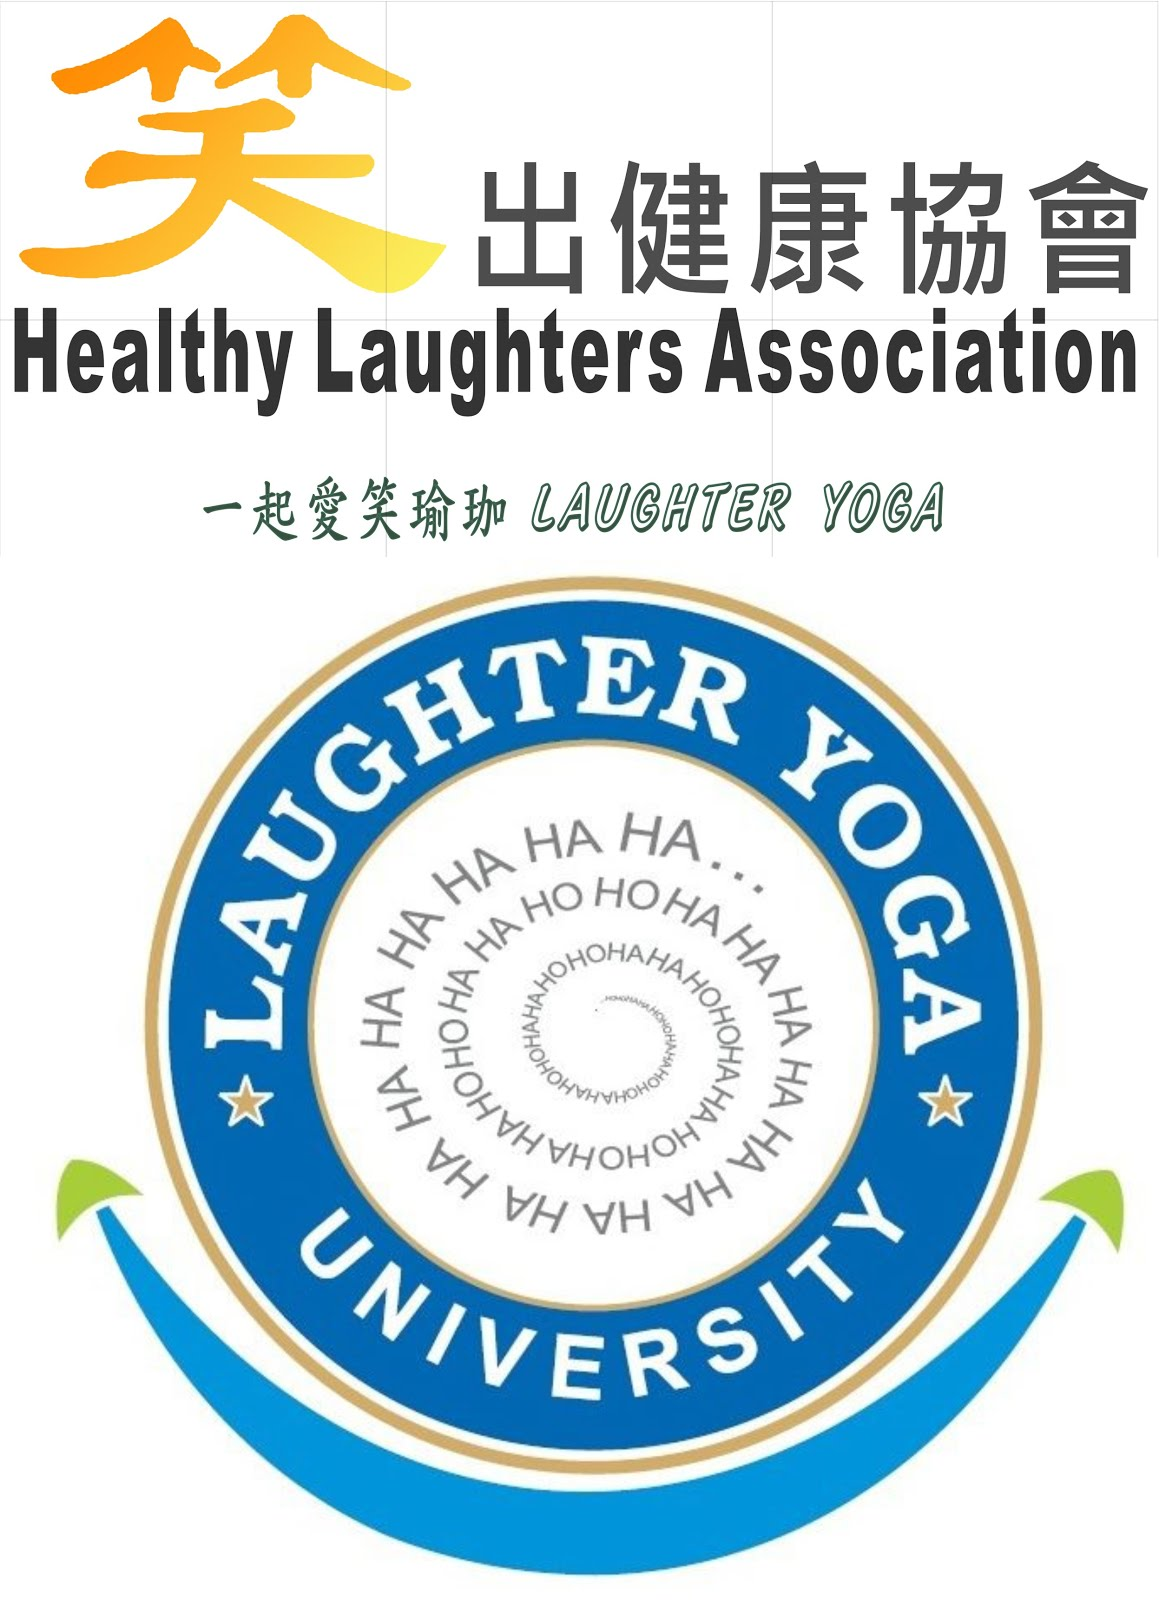 笑出健康協會主頁